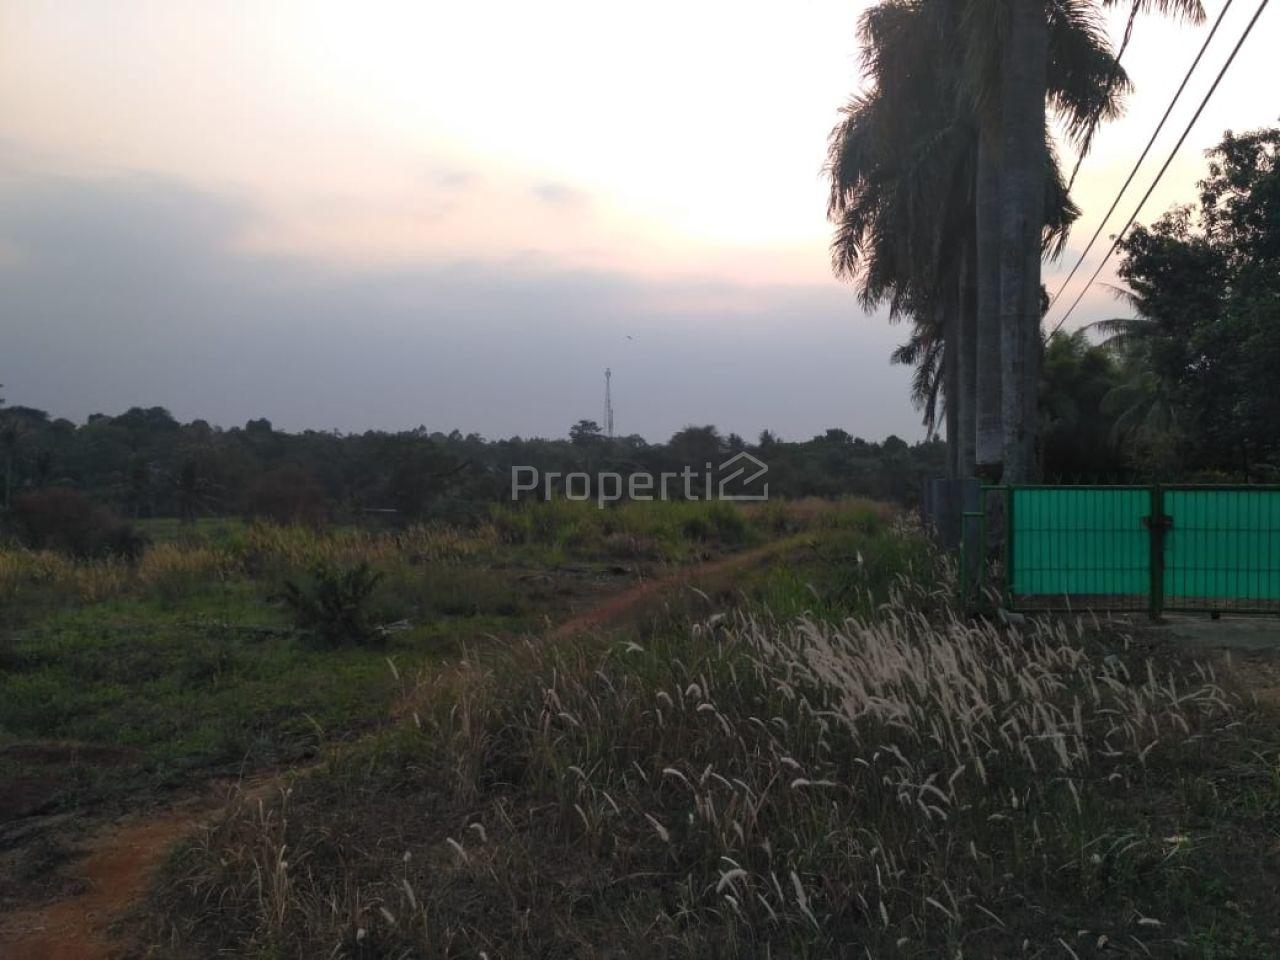 Land for Housing in Bojongsari, Bojongsari